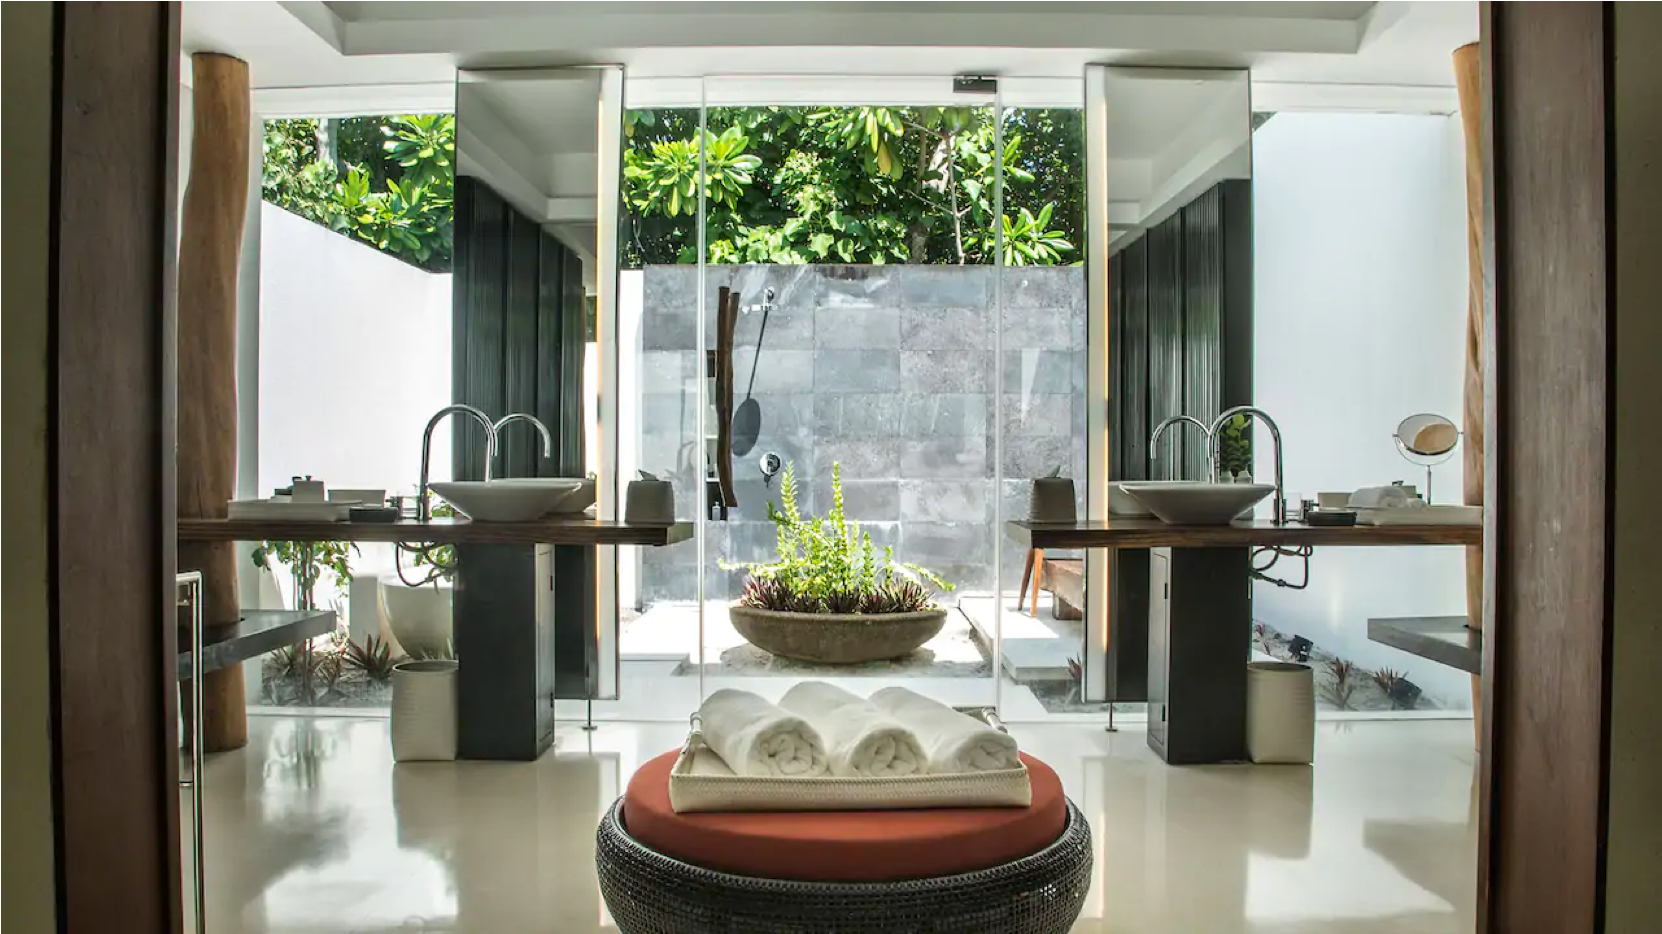 Pool Villa in Park Hyatt Maldives at a special price